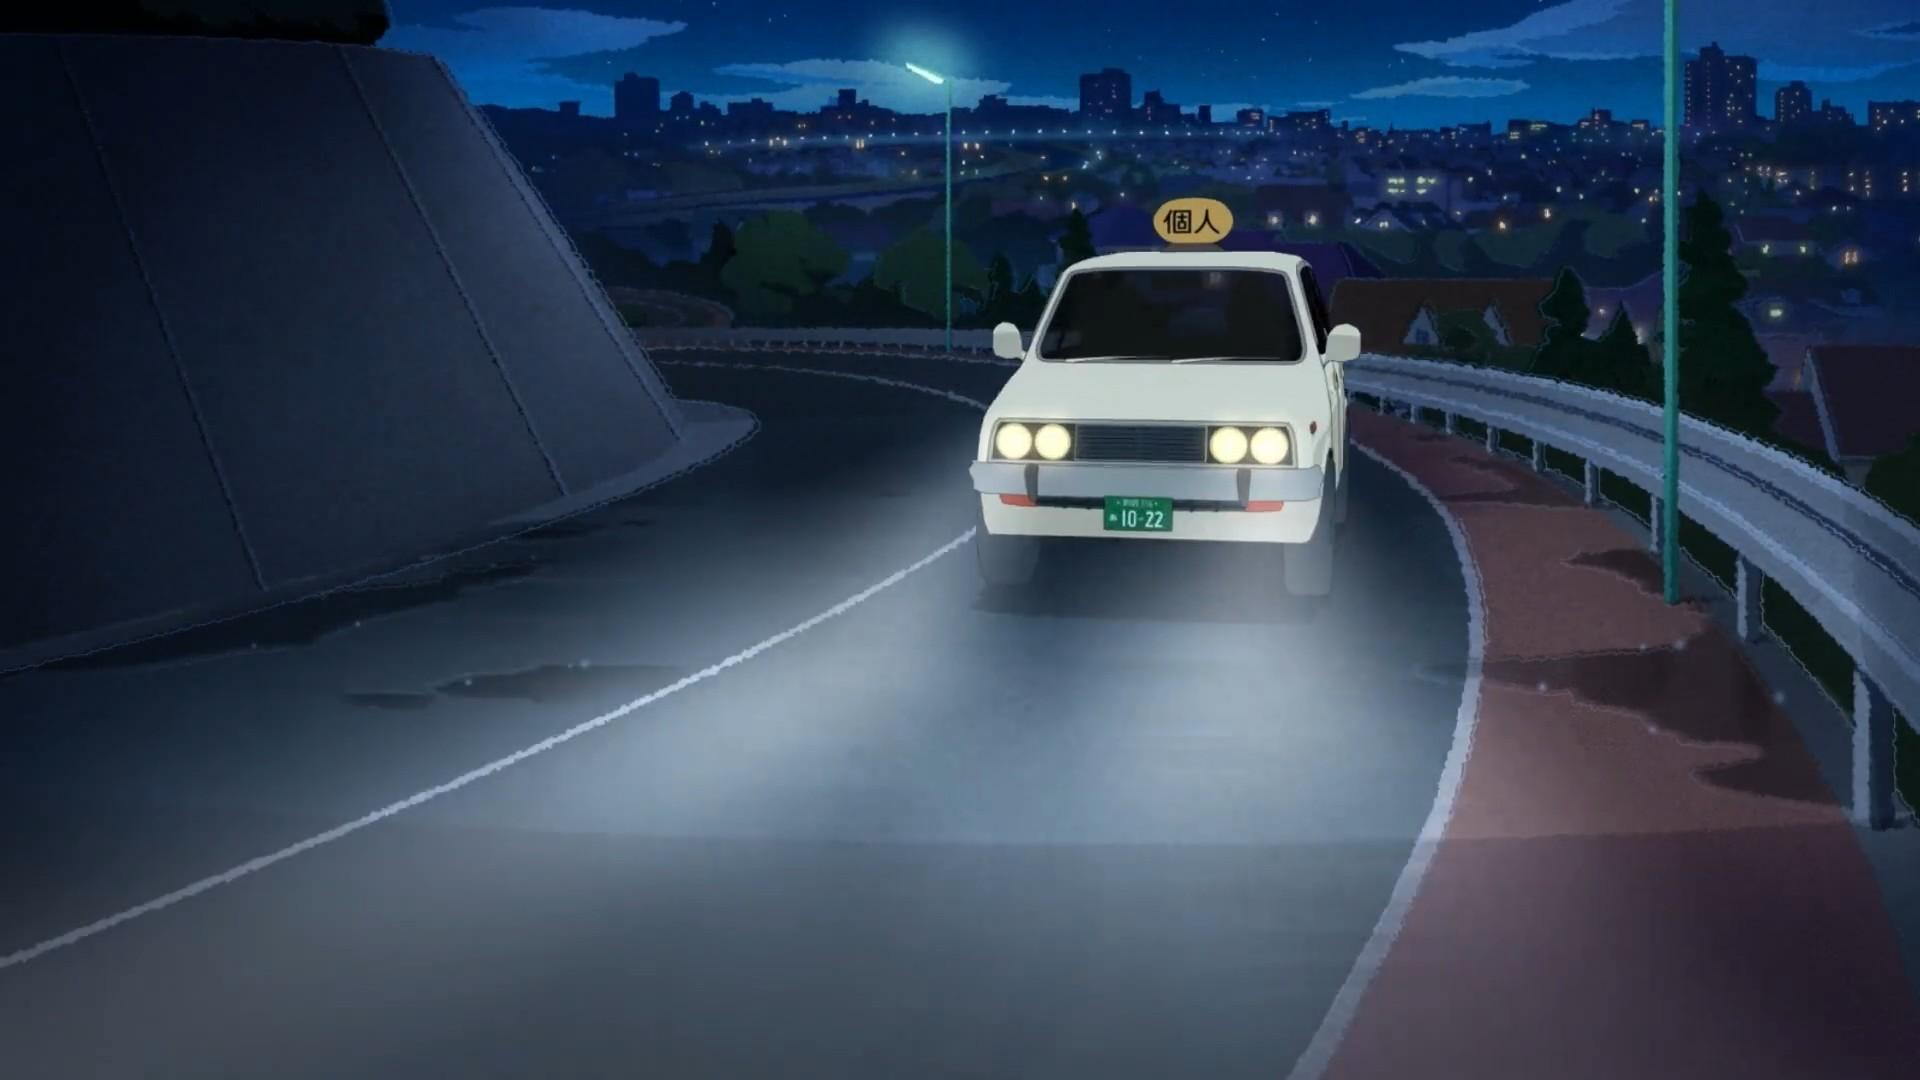 【动漫情报】原创TV动画《ODD TAXI》第三弹PV公开,将于4月5日开播。